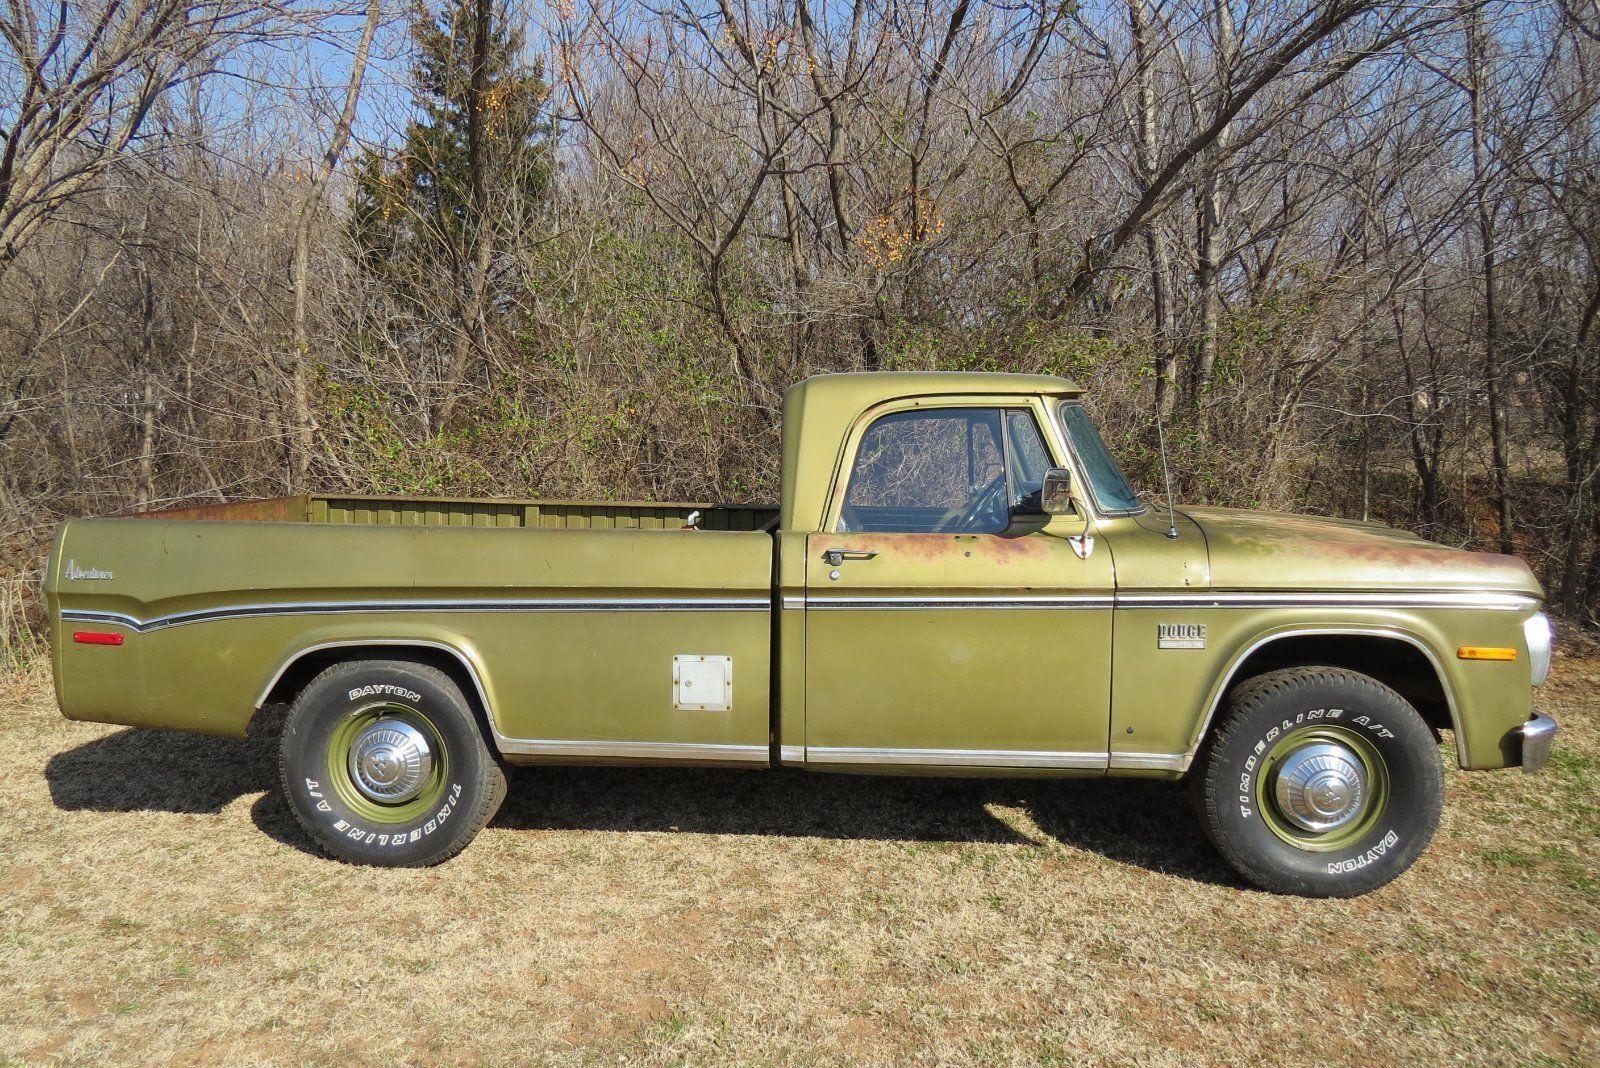 1971 dodge d200 camper special sweptline 3 4 ton pick up truck for sale. Black Bedroom Furniture Sets. Home Design Ideas